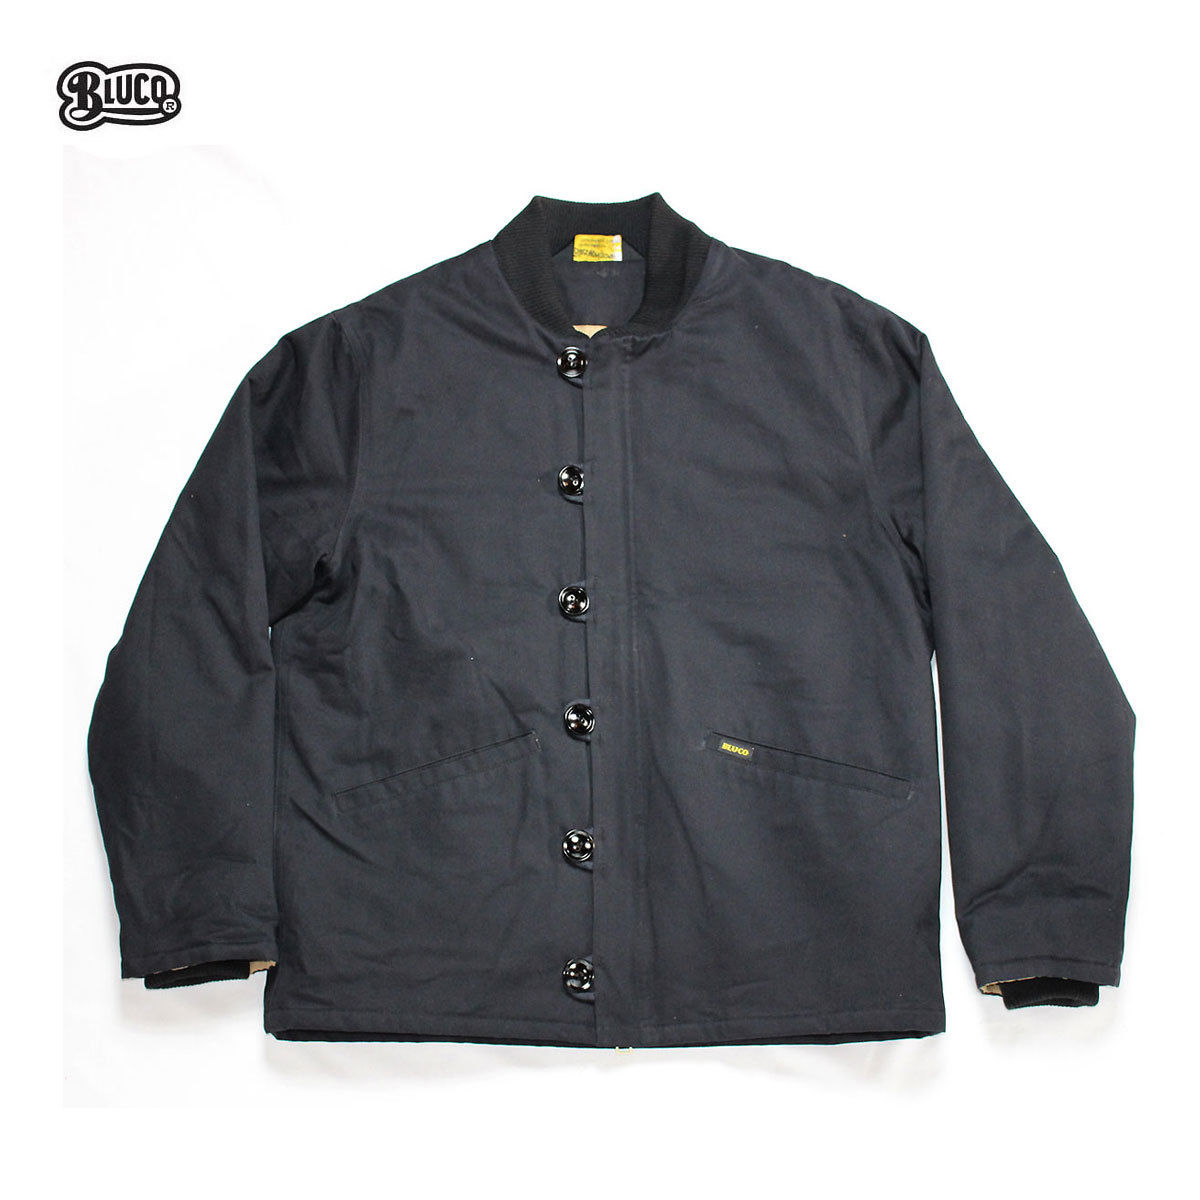 BLUCO(ブルコ) OL-057 M43LINER JACKET ブラック